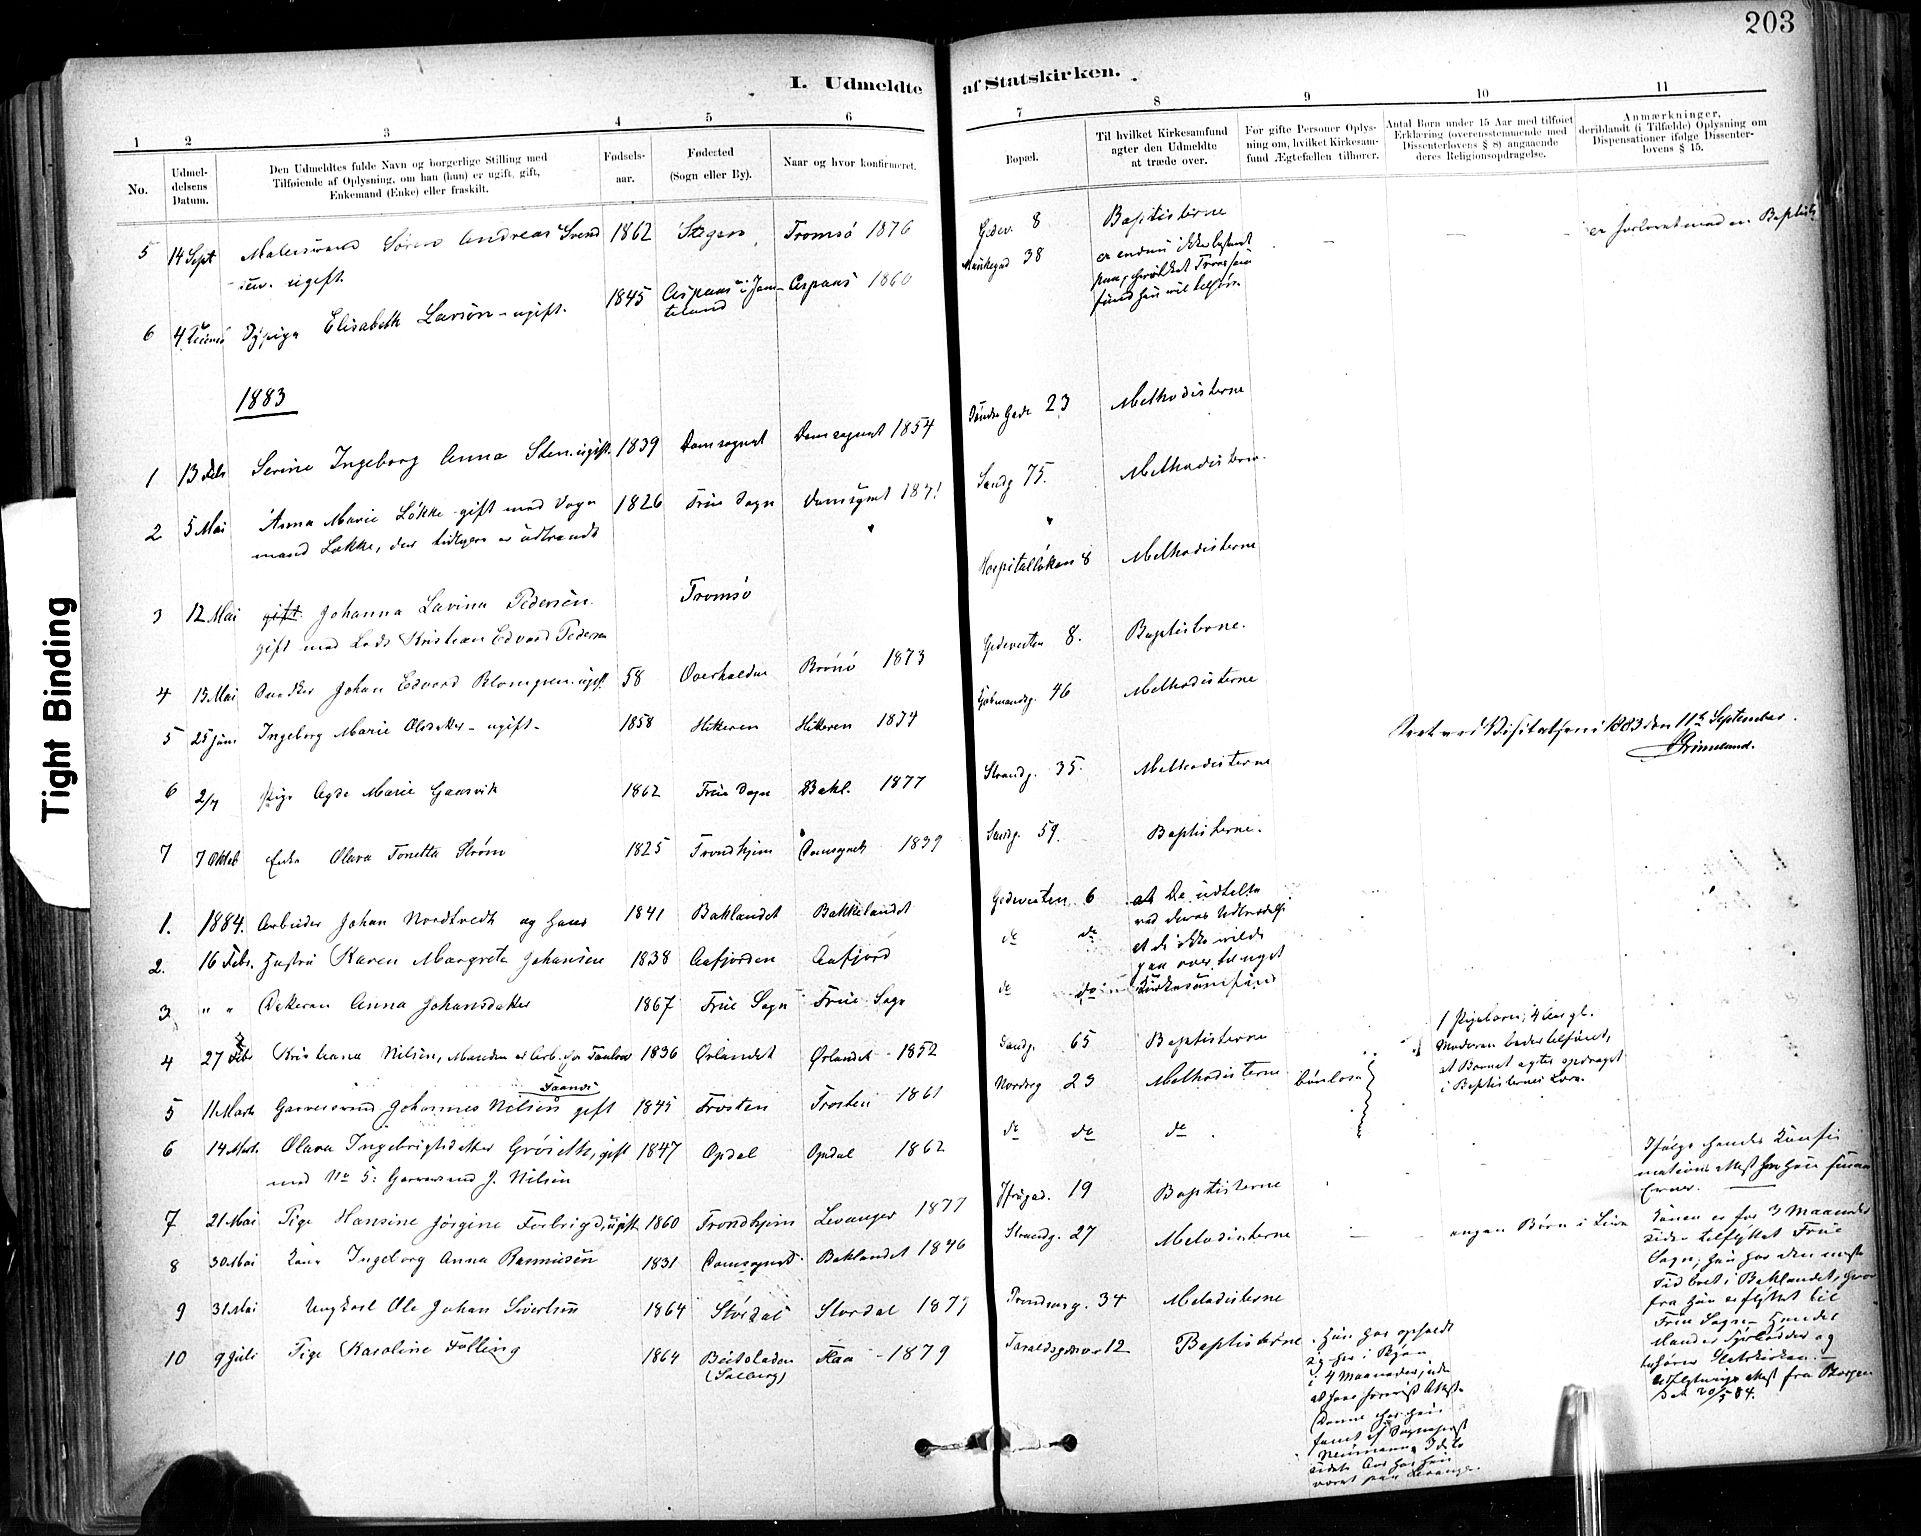 SAT, Ministerialprotokoller, klokkerbøker og fødselsregistre - Sør-Trøndelag, 602/L0120: Ministerialbok nr. 602A18, 1880-1913, s. 203